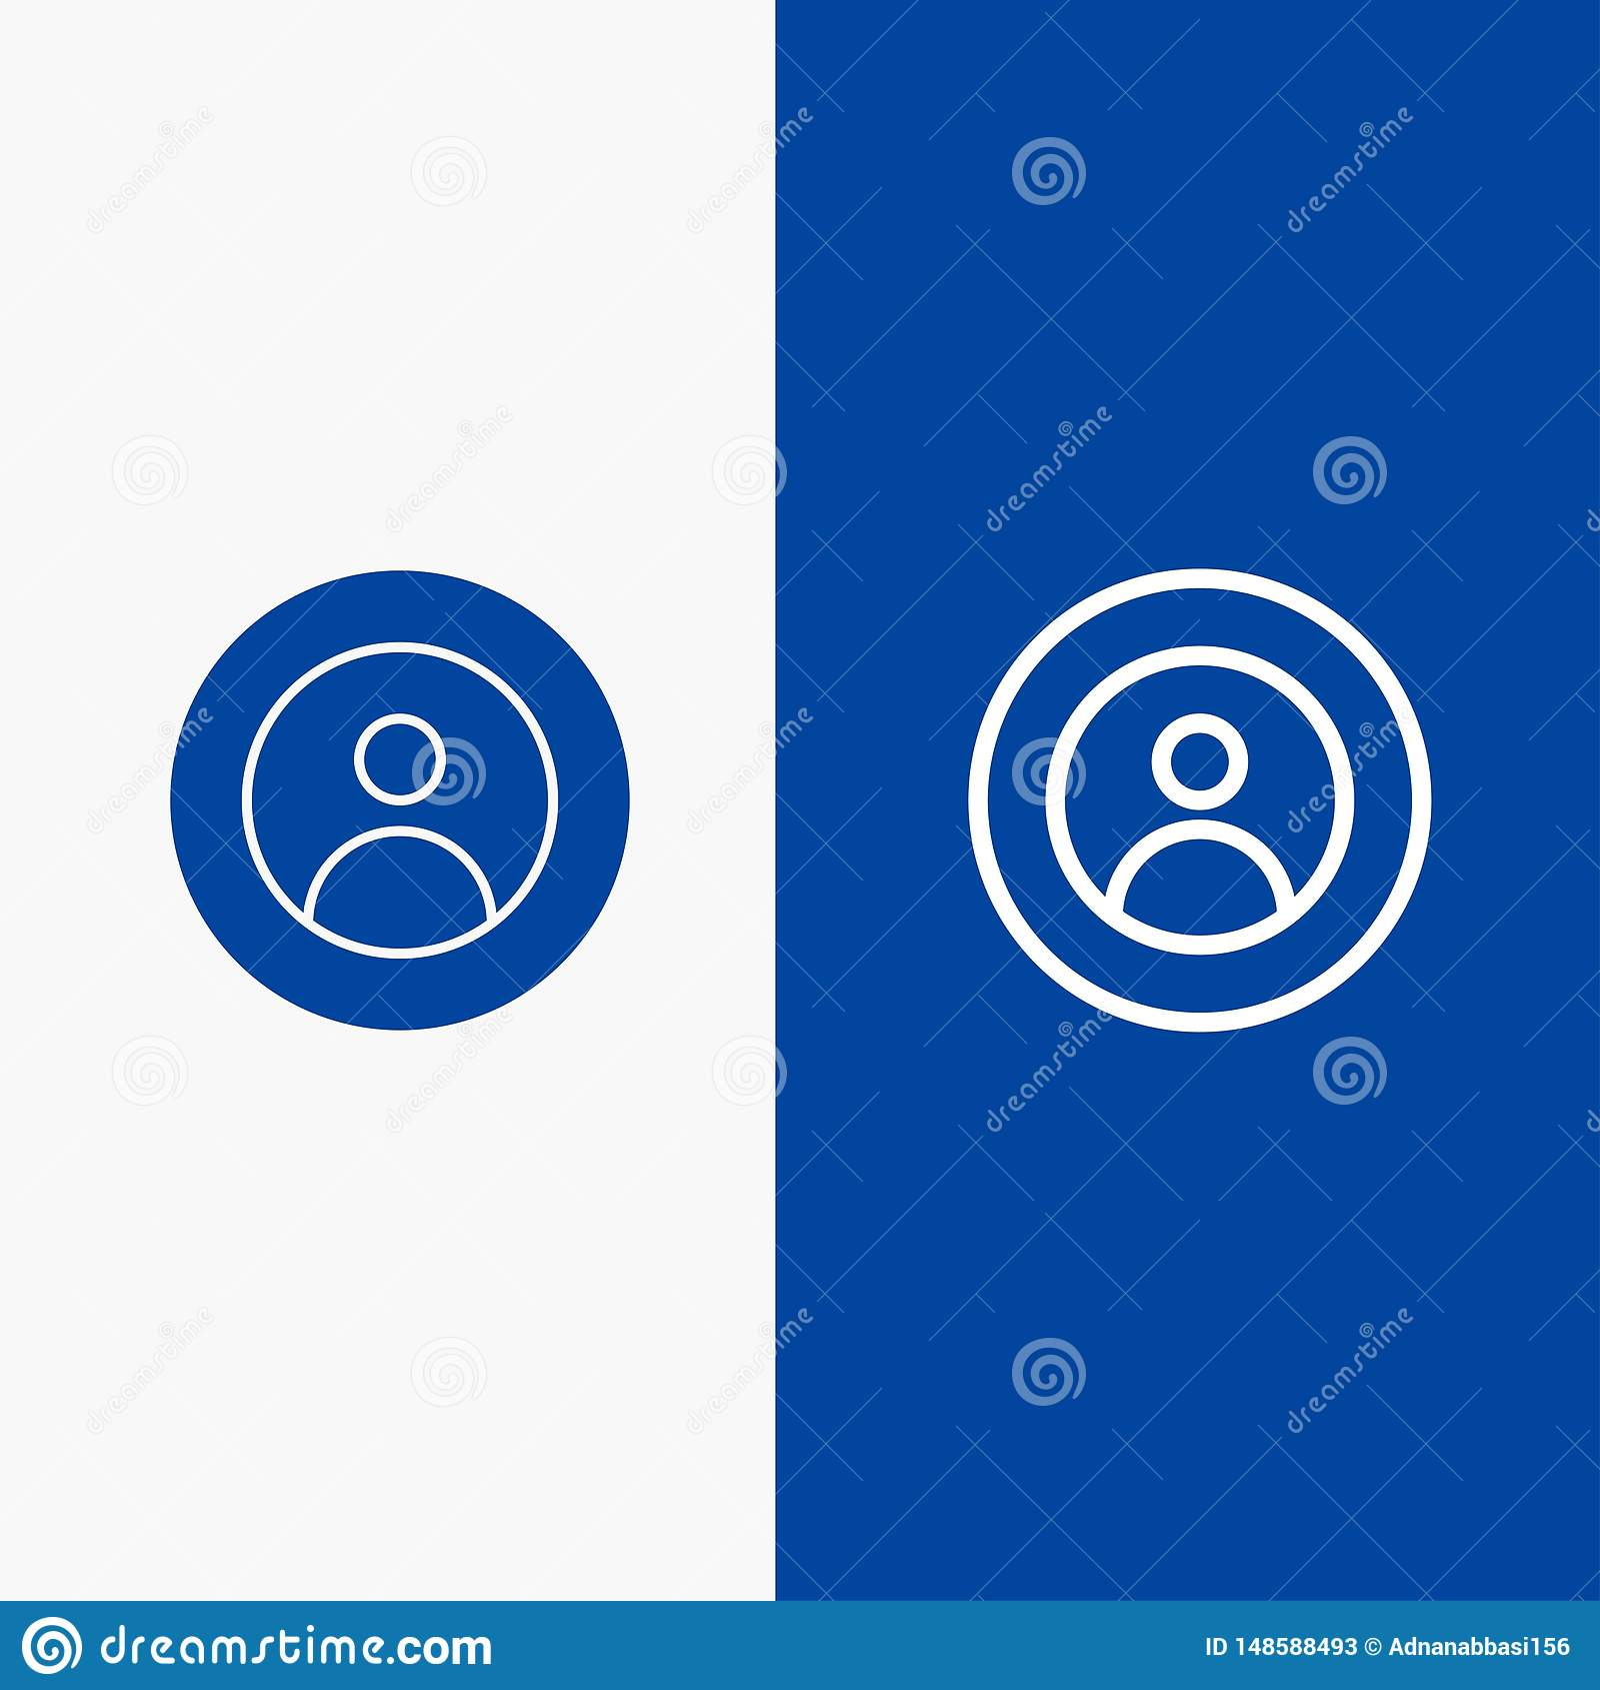 Γη, σφαιρικός, άνθρωποι, χρήστης, παγκόσμια γραμμή και στερεά γραμμή εμβλημάτων εικονιδίων Glyph μπλε και στερεό μπλε έμβλημα εικ